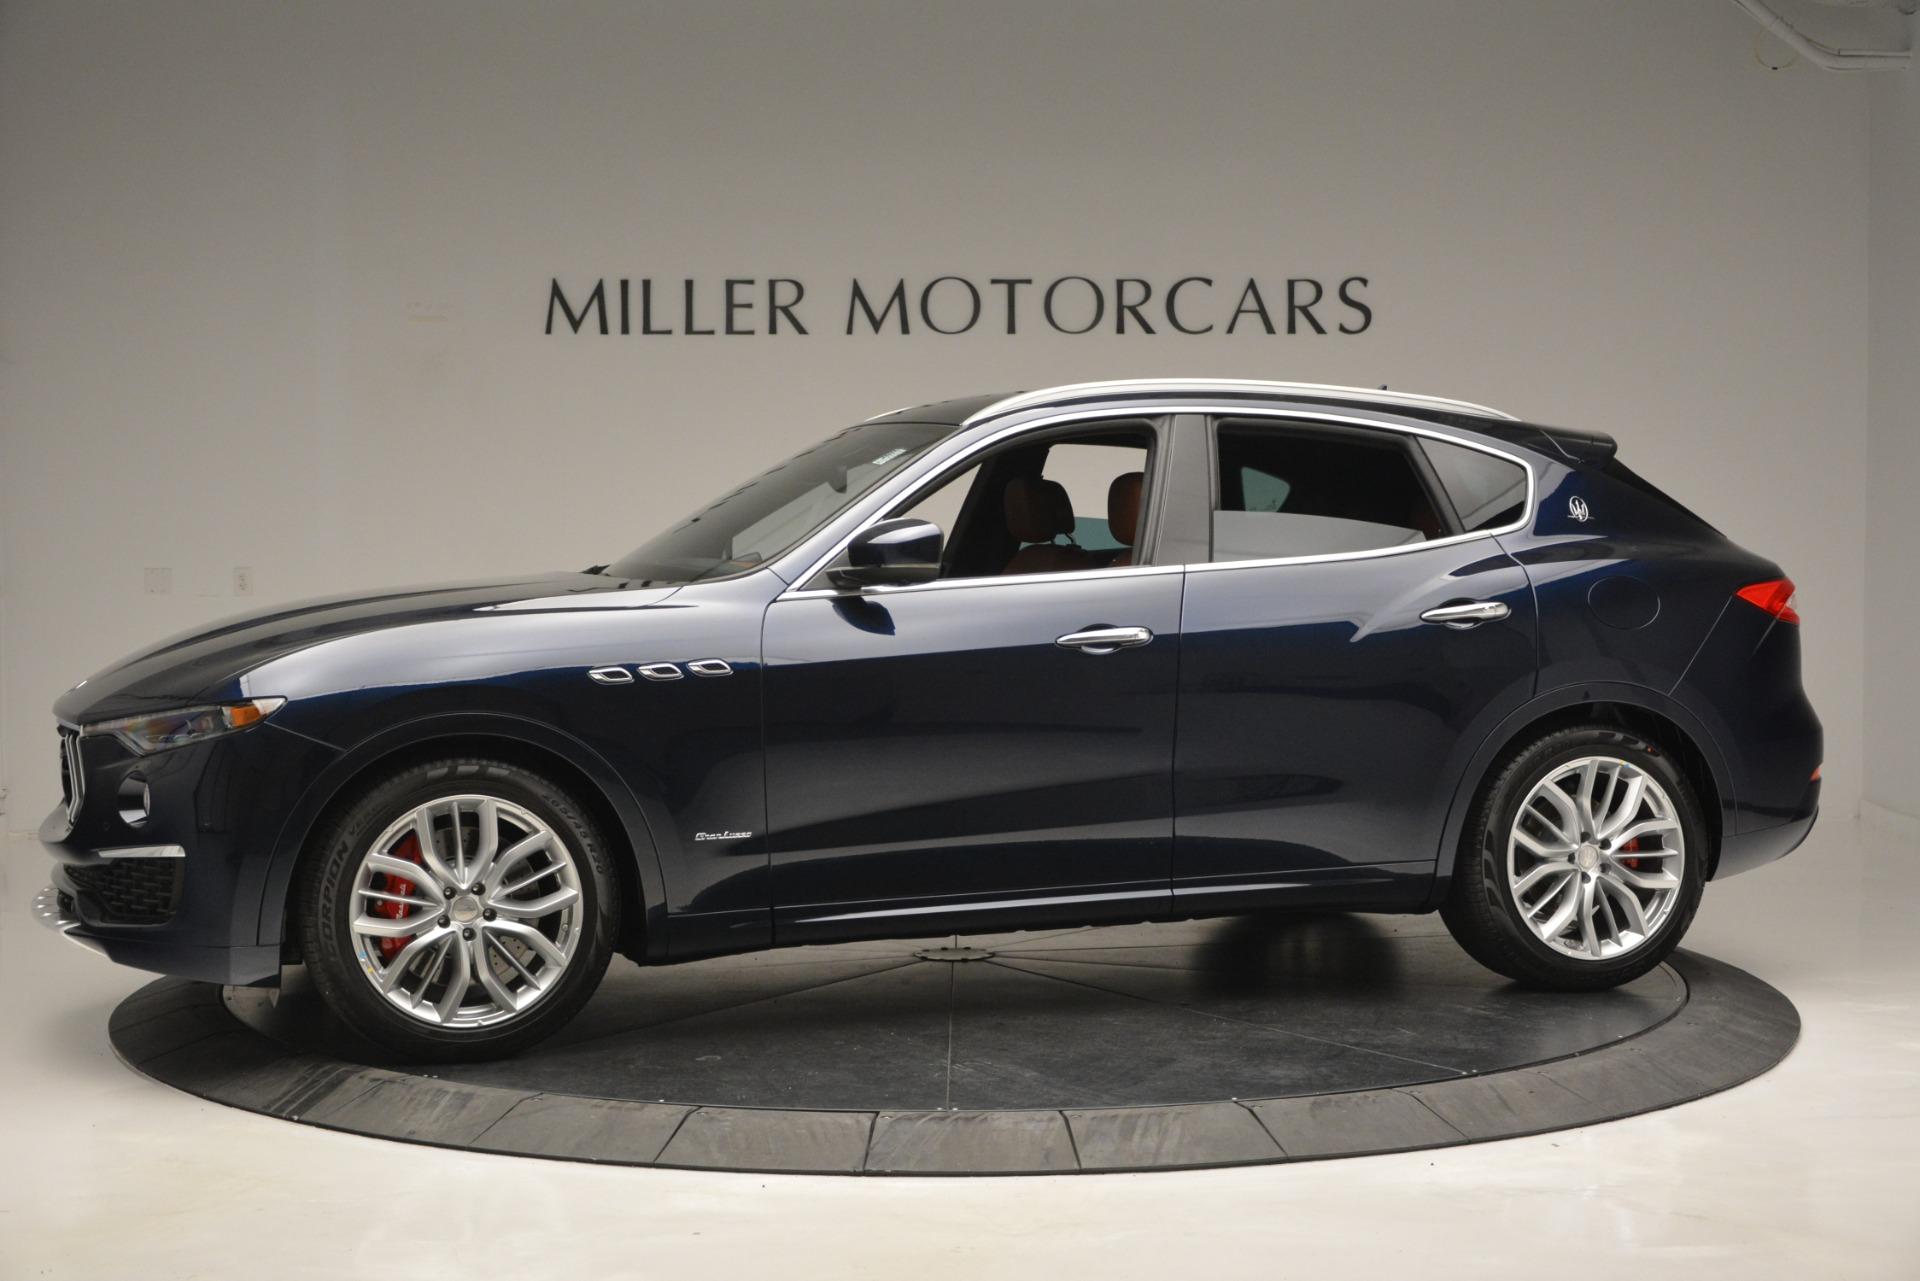 New 2019 Maserati Levante S Q4 GranLusso For Sale In Greenwich, CT 2868_p4